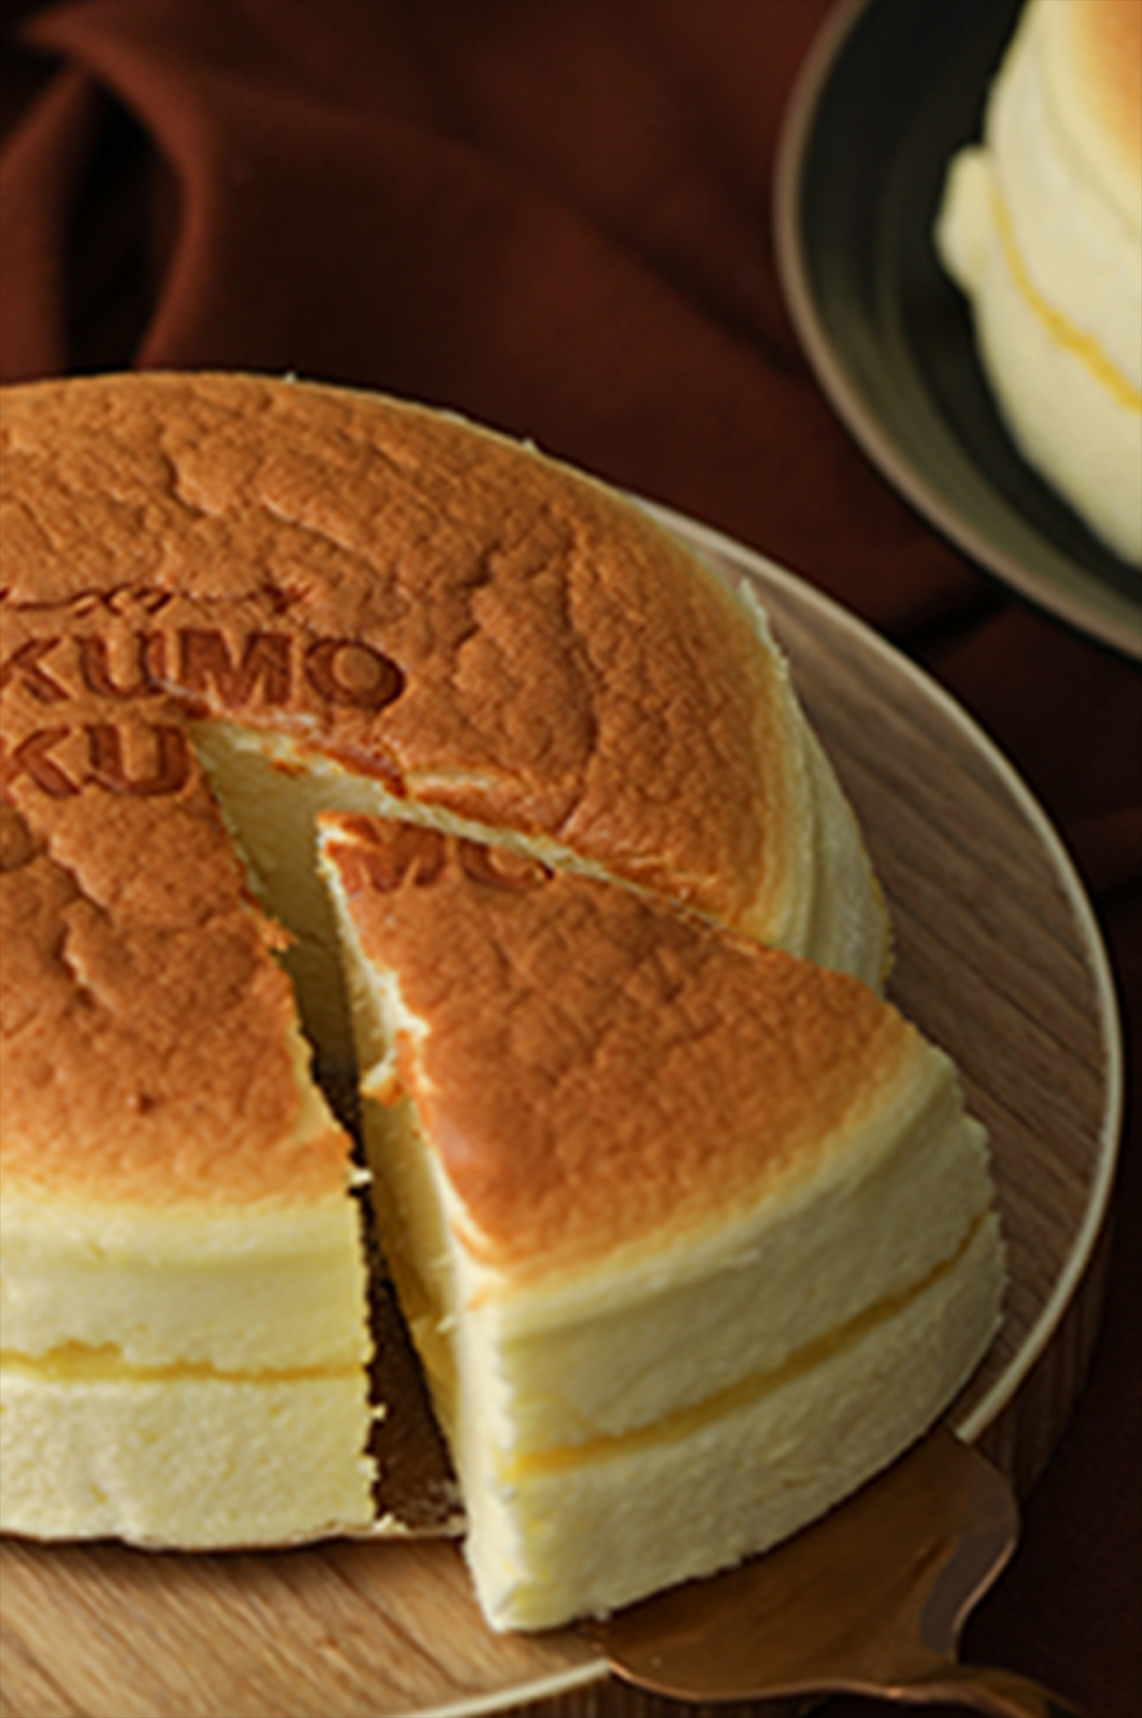 KUMOKUMO品牌故事